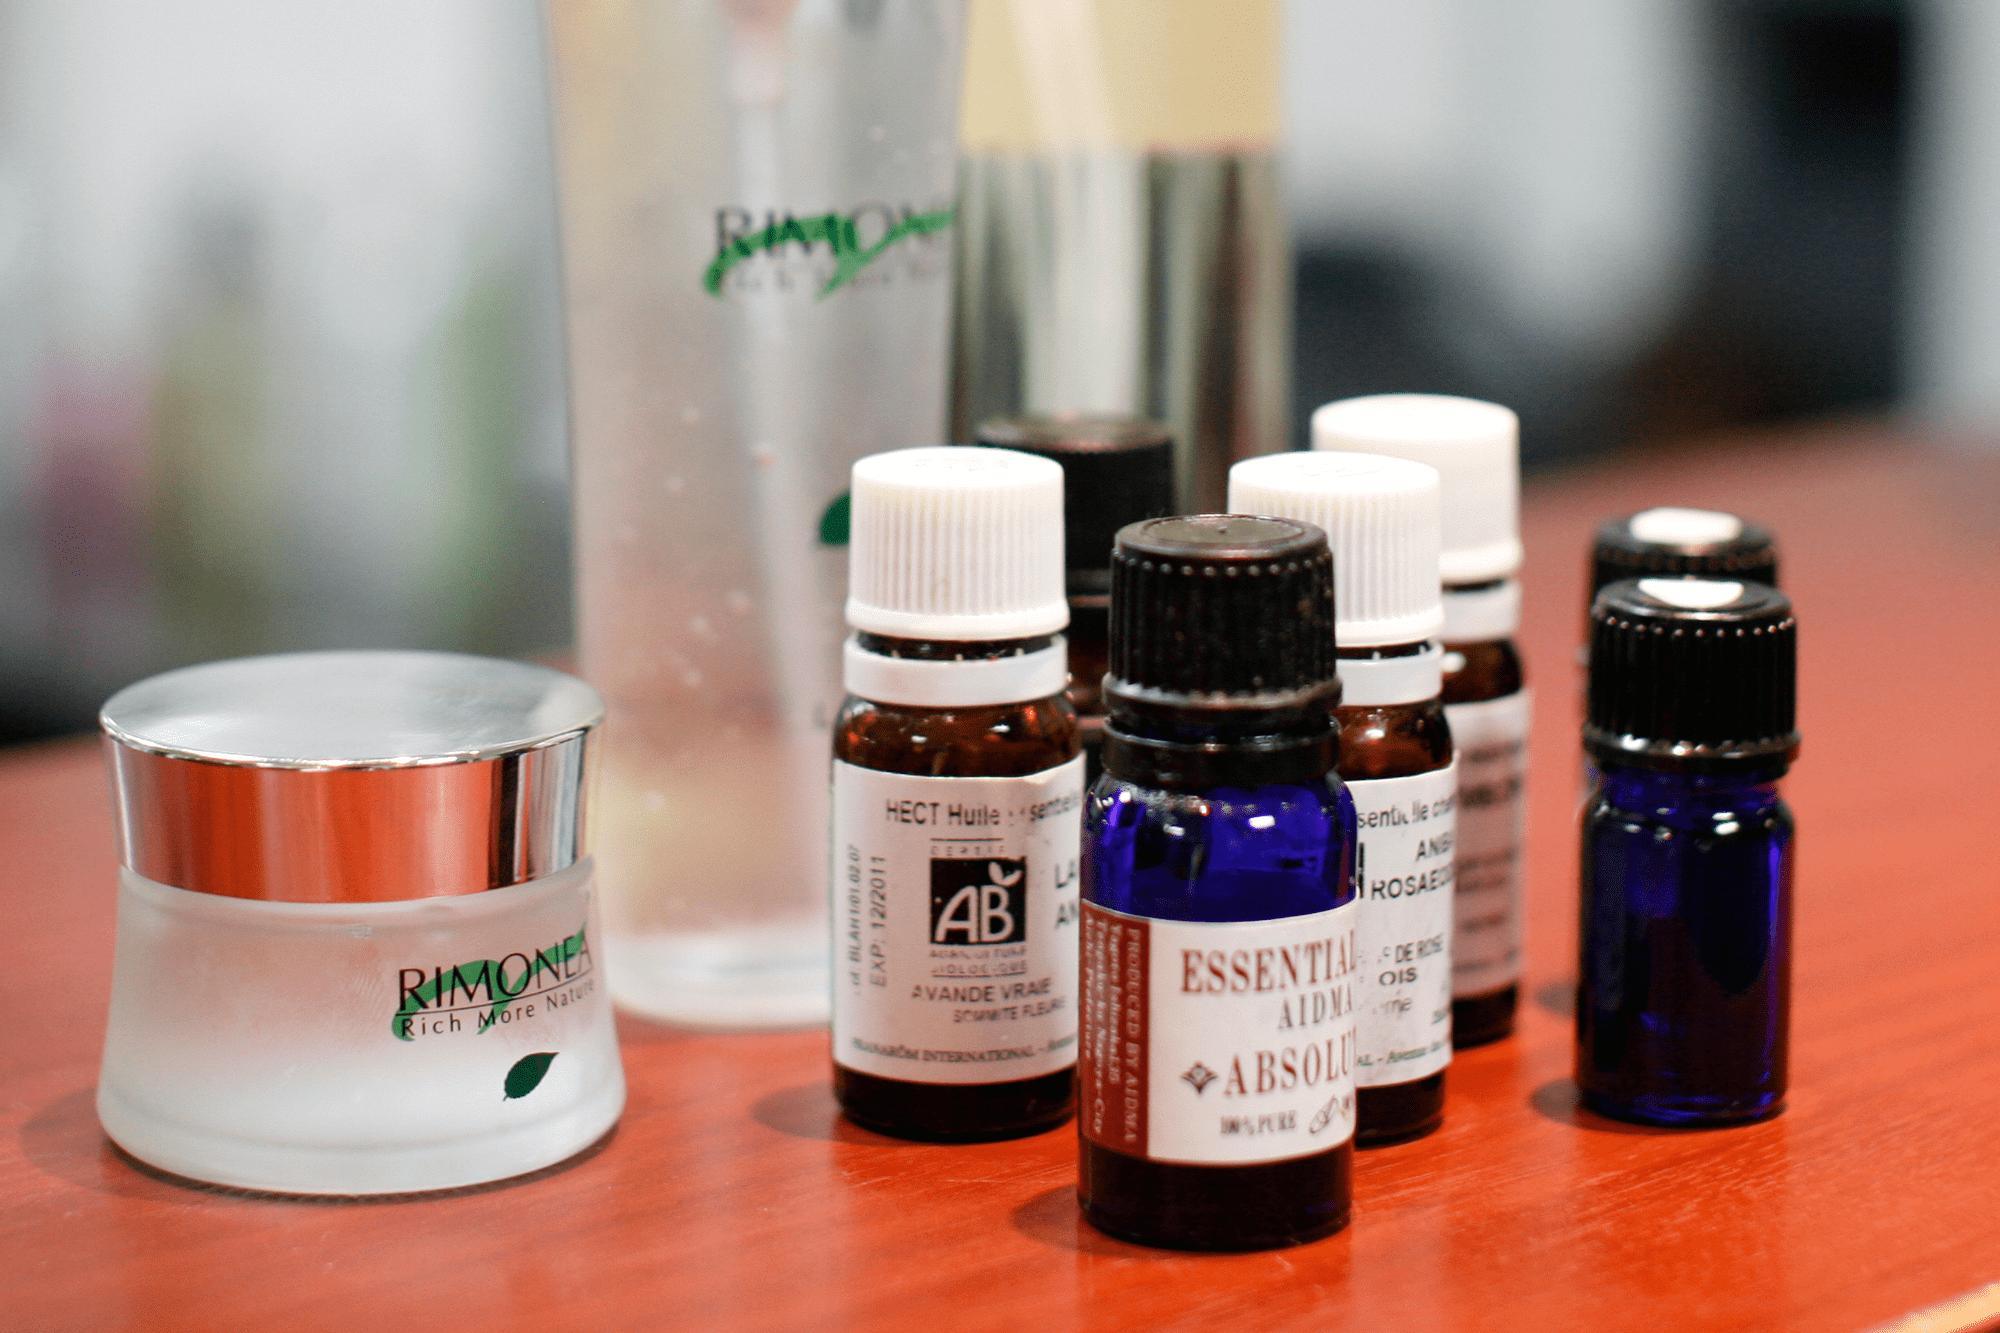 アトピーなどの敏感肌にも対応した刺激の少ない基礎化粧品を使用